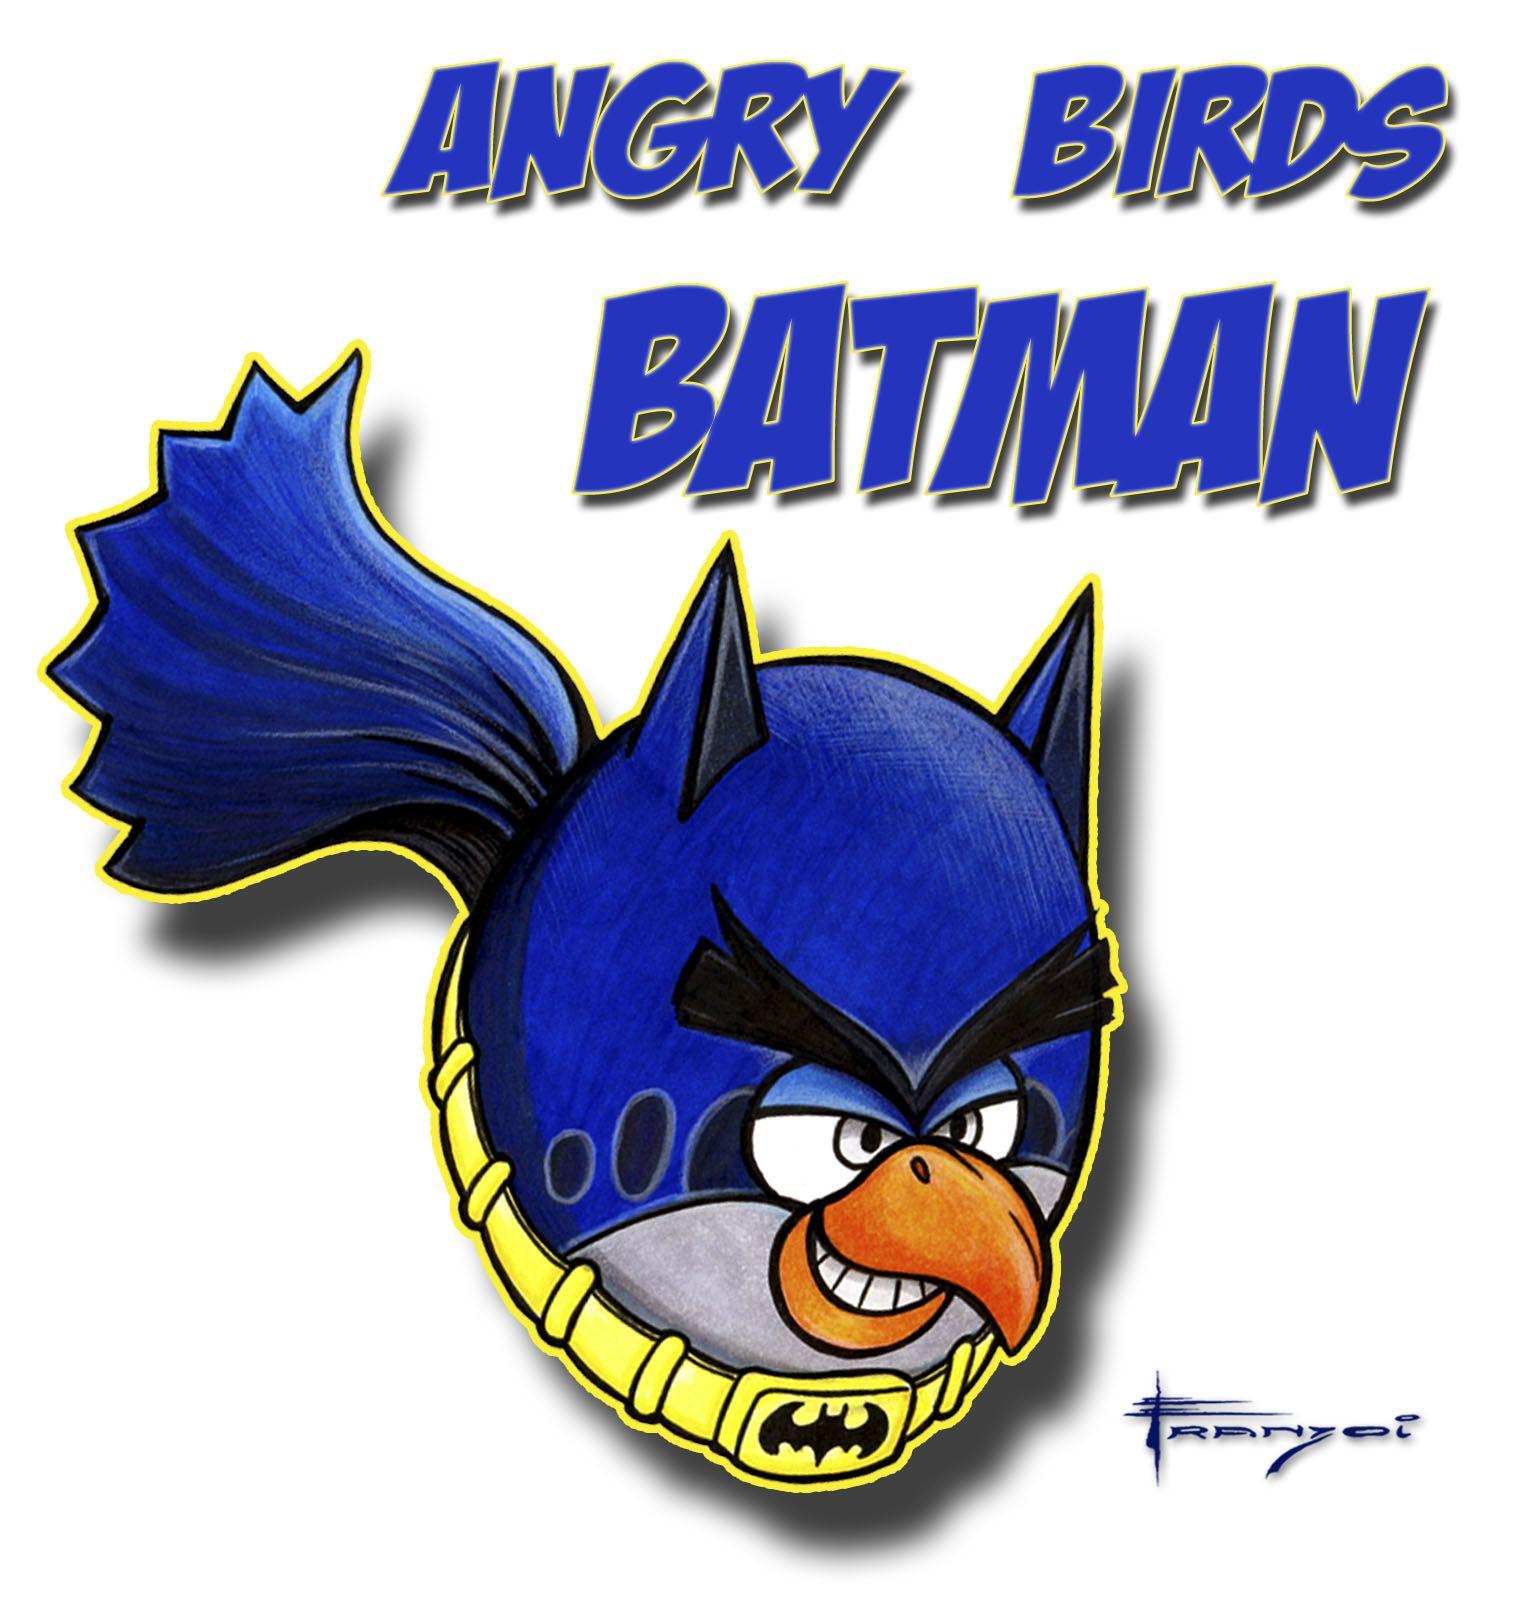 Angry Bird Batman - Assista ao vídeo de criação deste desenho em:  Vídeo 1: https://www.youtube.com/watch?v=0XY8TPjLNEo  Vídeo 2: https://www.youtube.com/watch?v=9kYj0k9yQBk